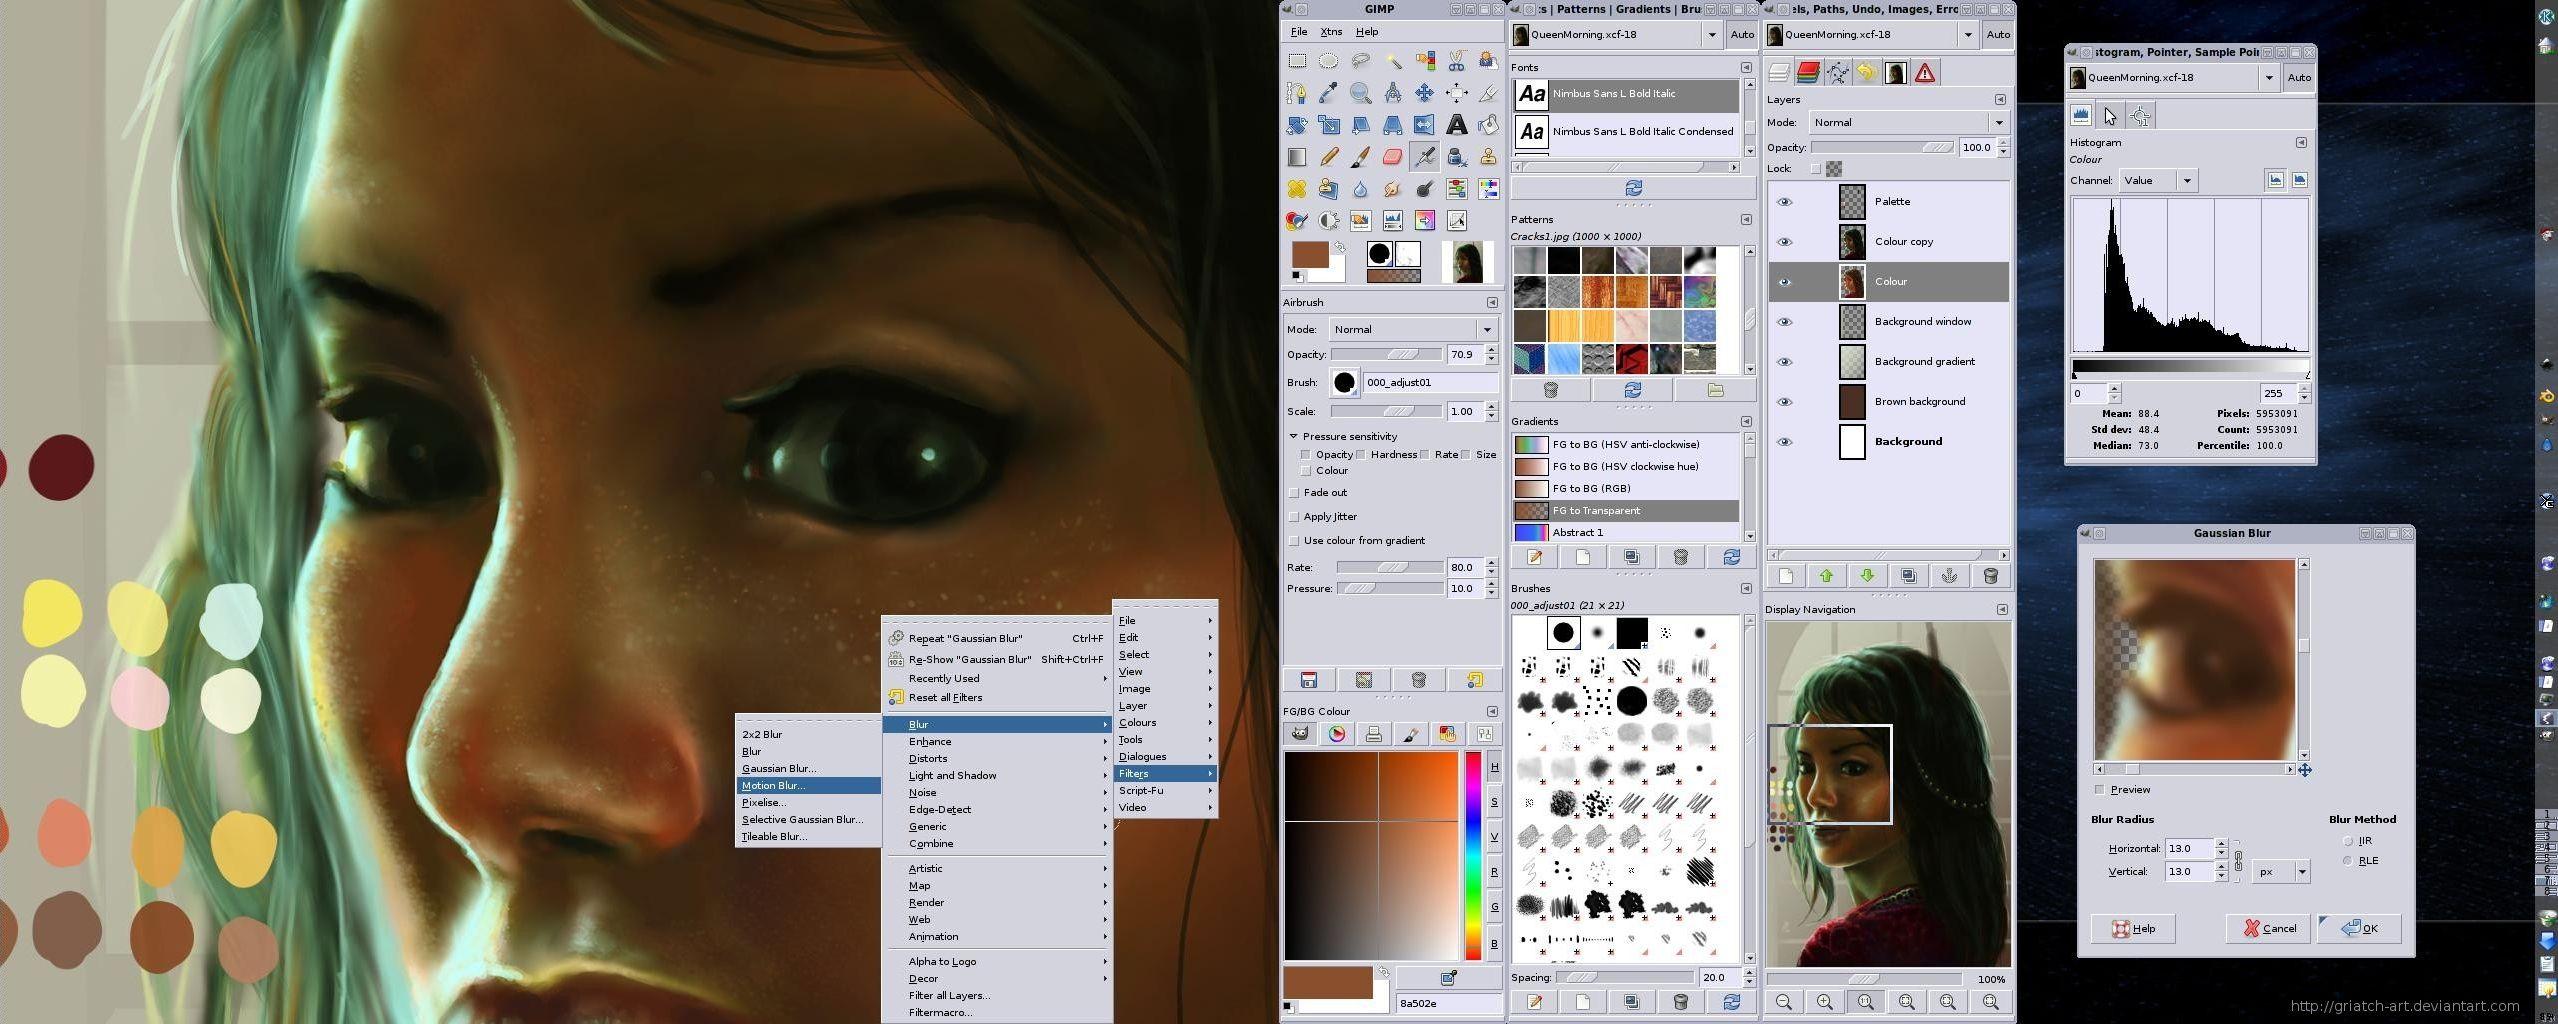 Foto: Skjermdump fra GIMP